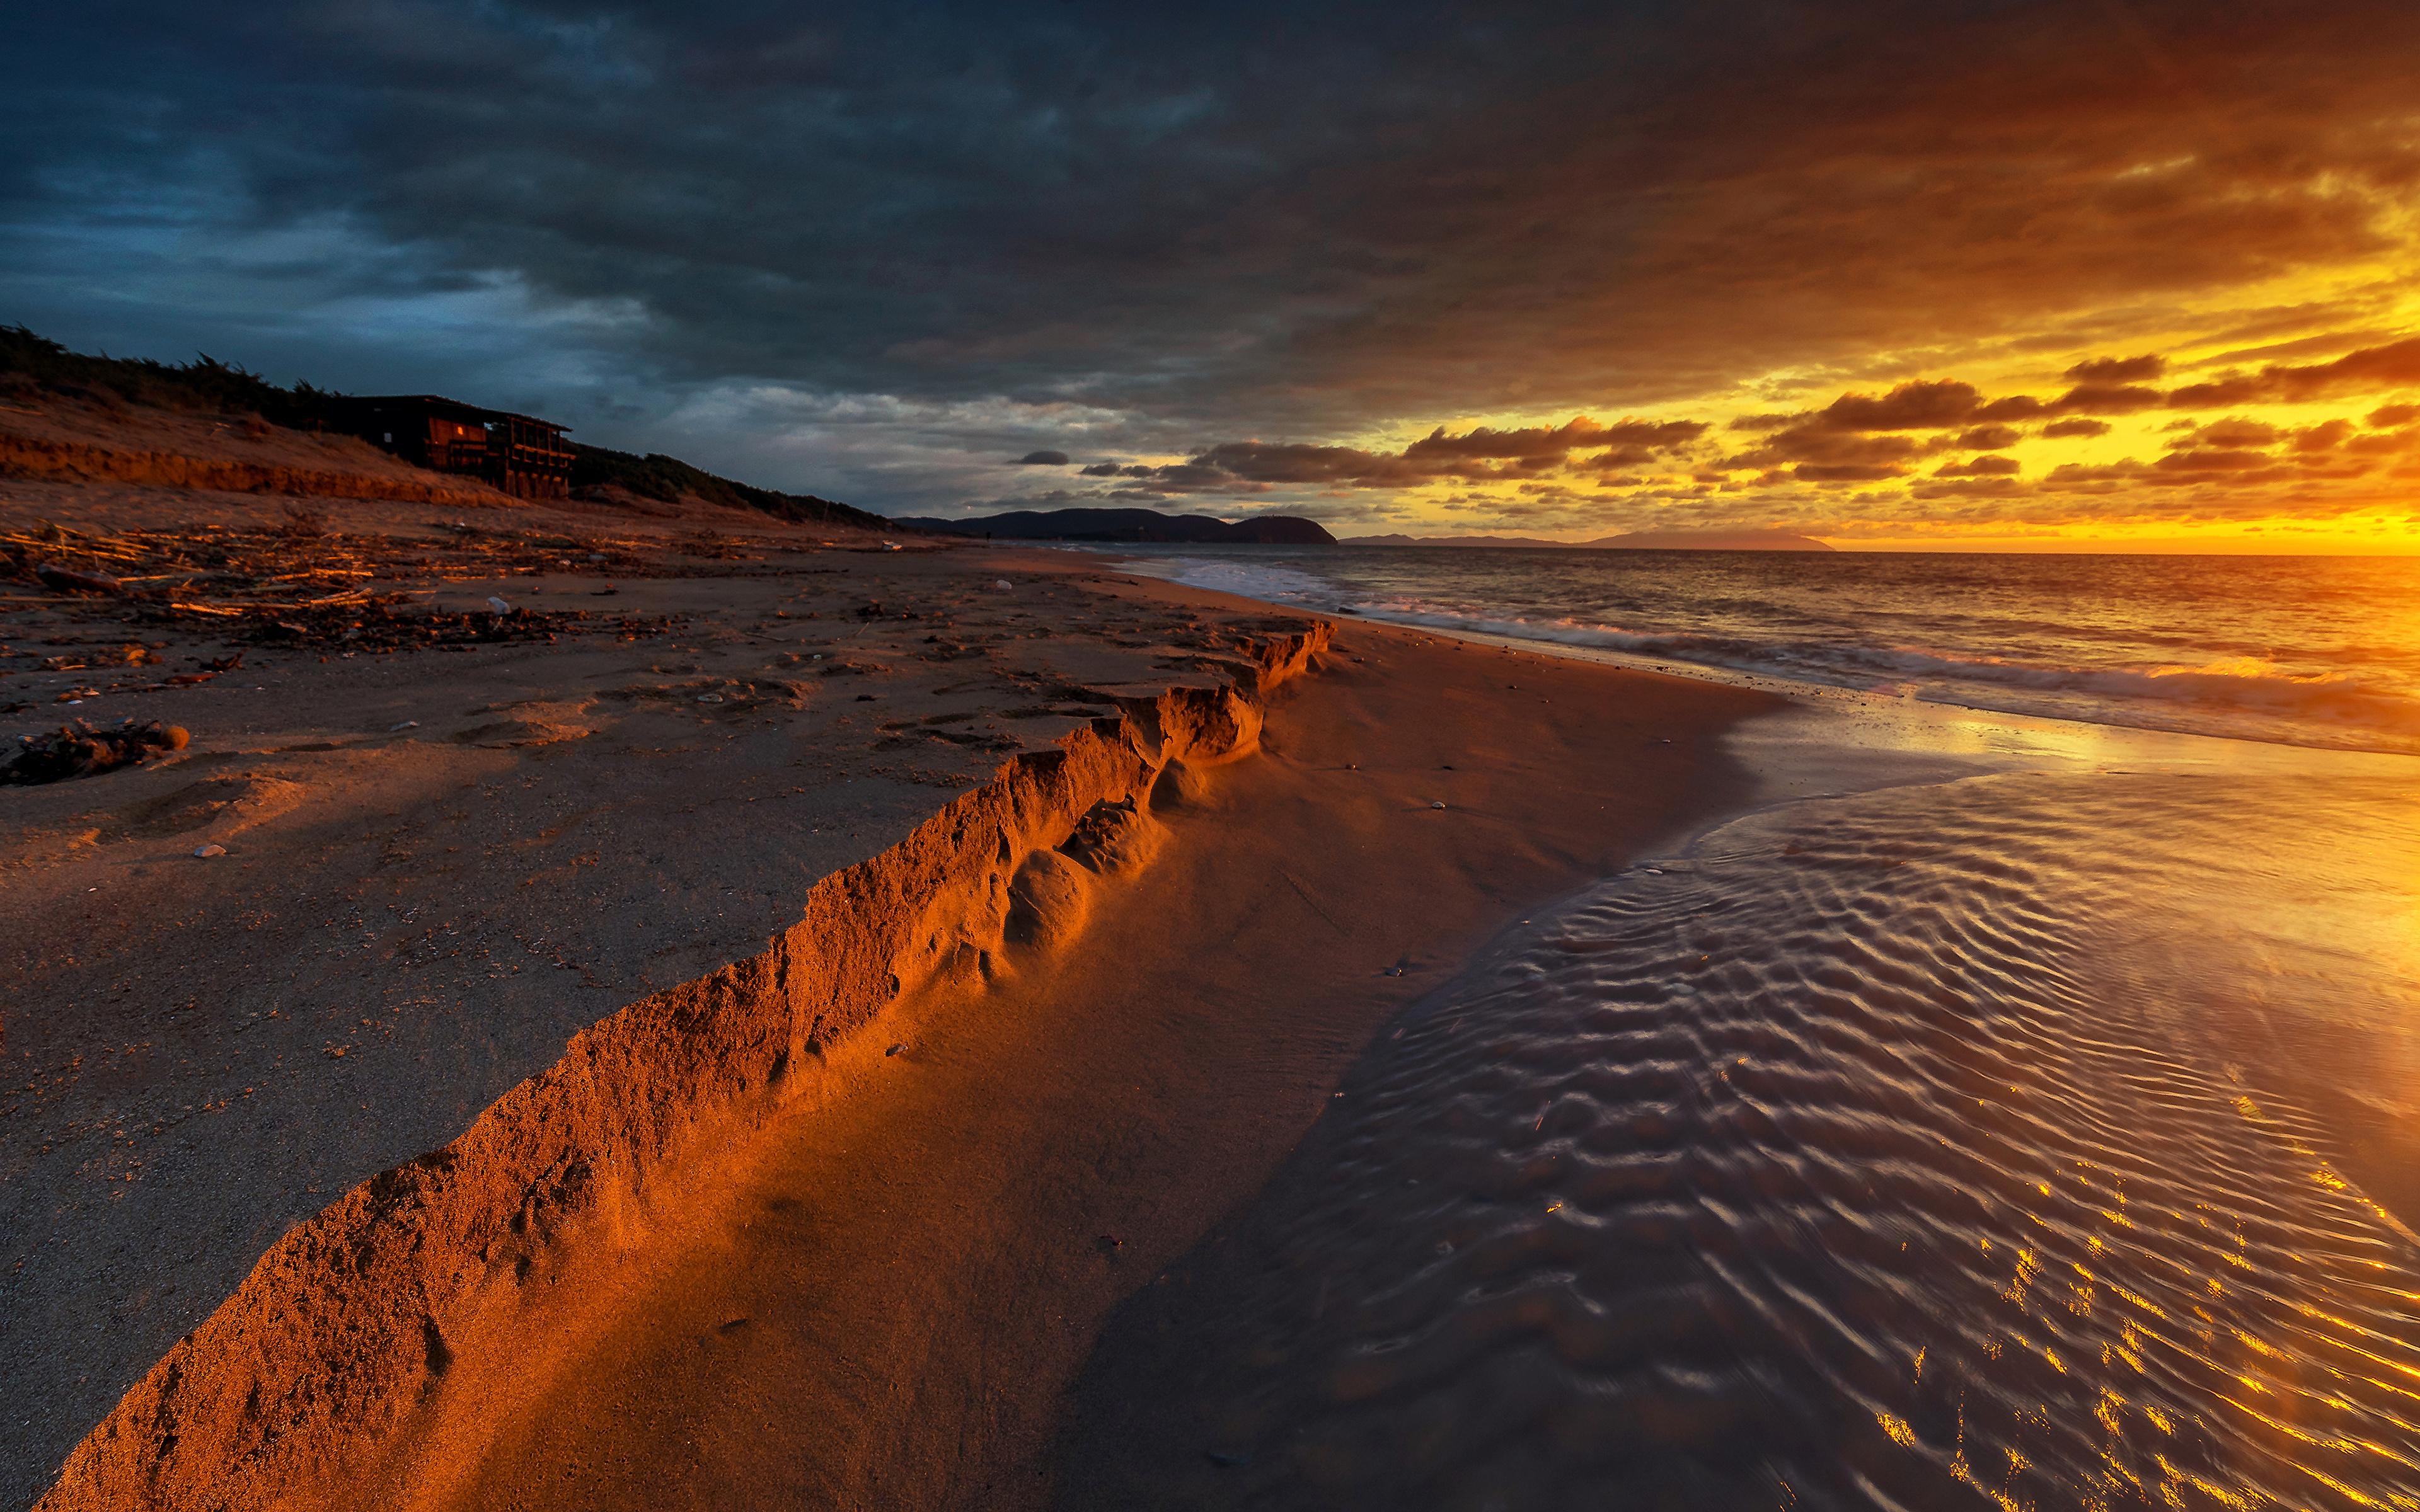 Пляж песок закат бесплатно